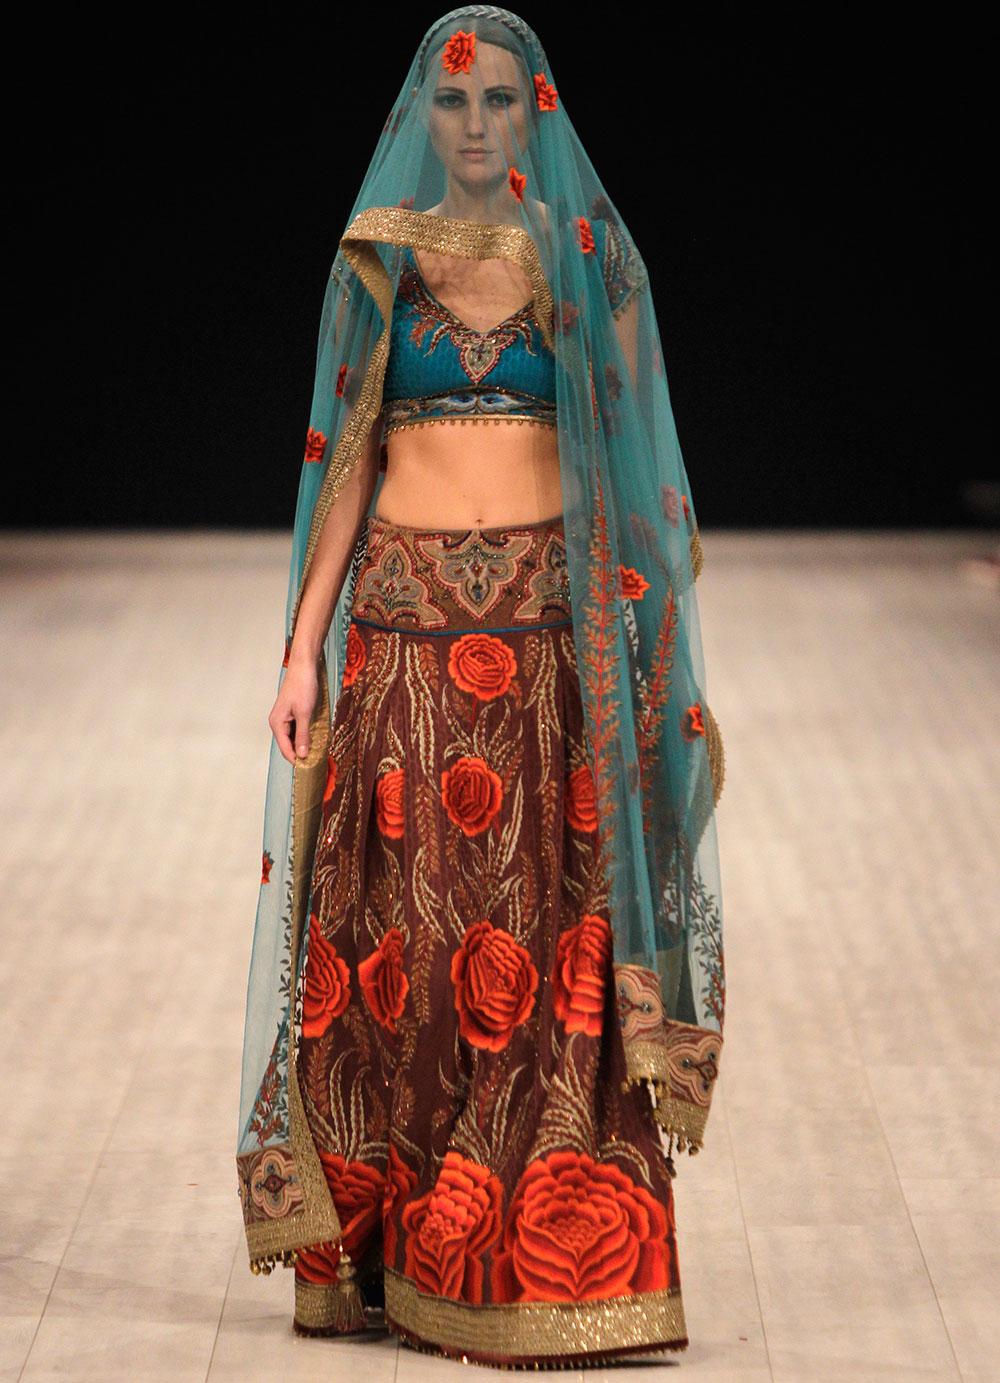 यूक्रेन के कीव में एक फैशन वीक के दौरान भारतीय डिजायनर जेजे वालया के परिधानों को प्रदर्शित करती एक मॉडल।